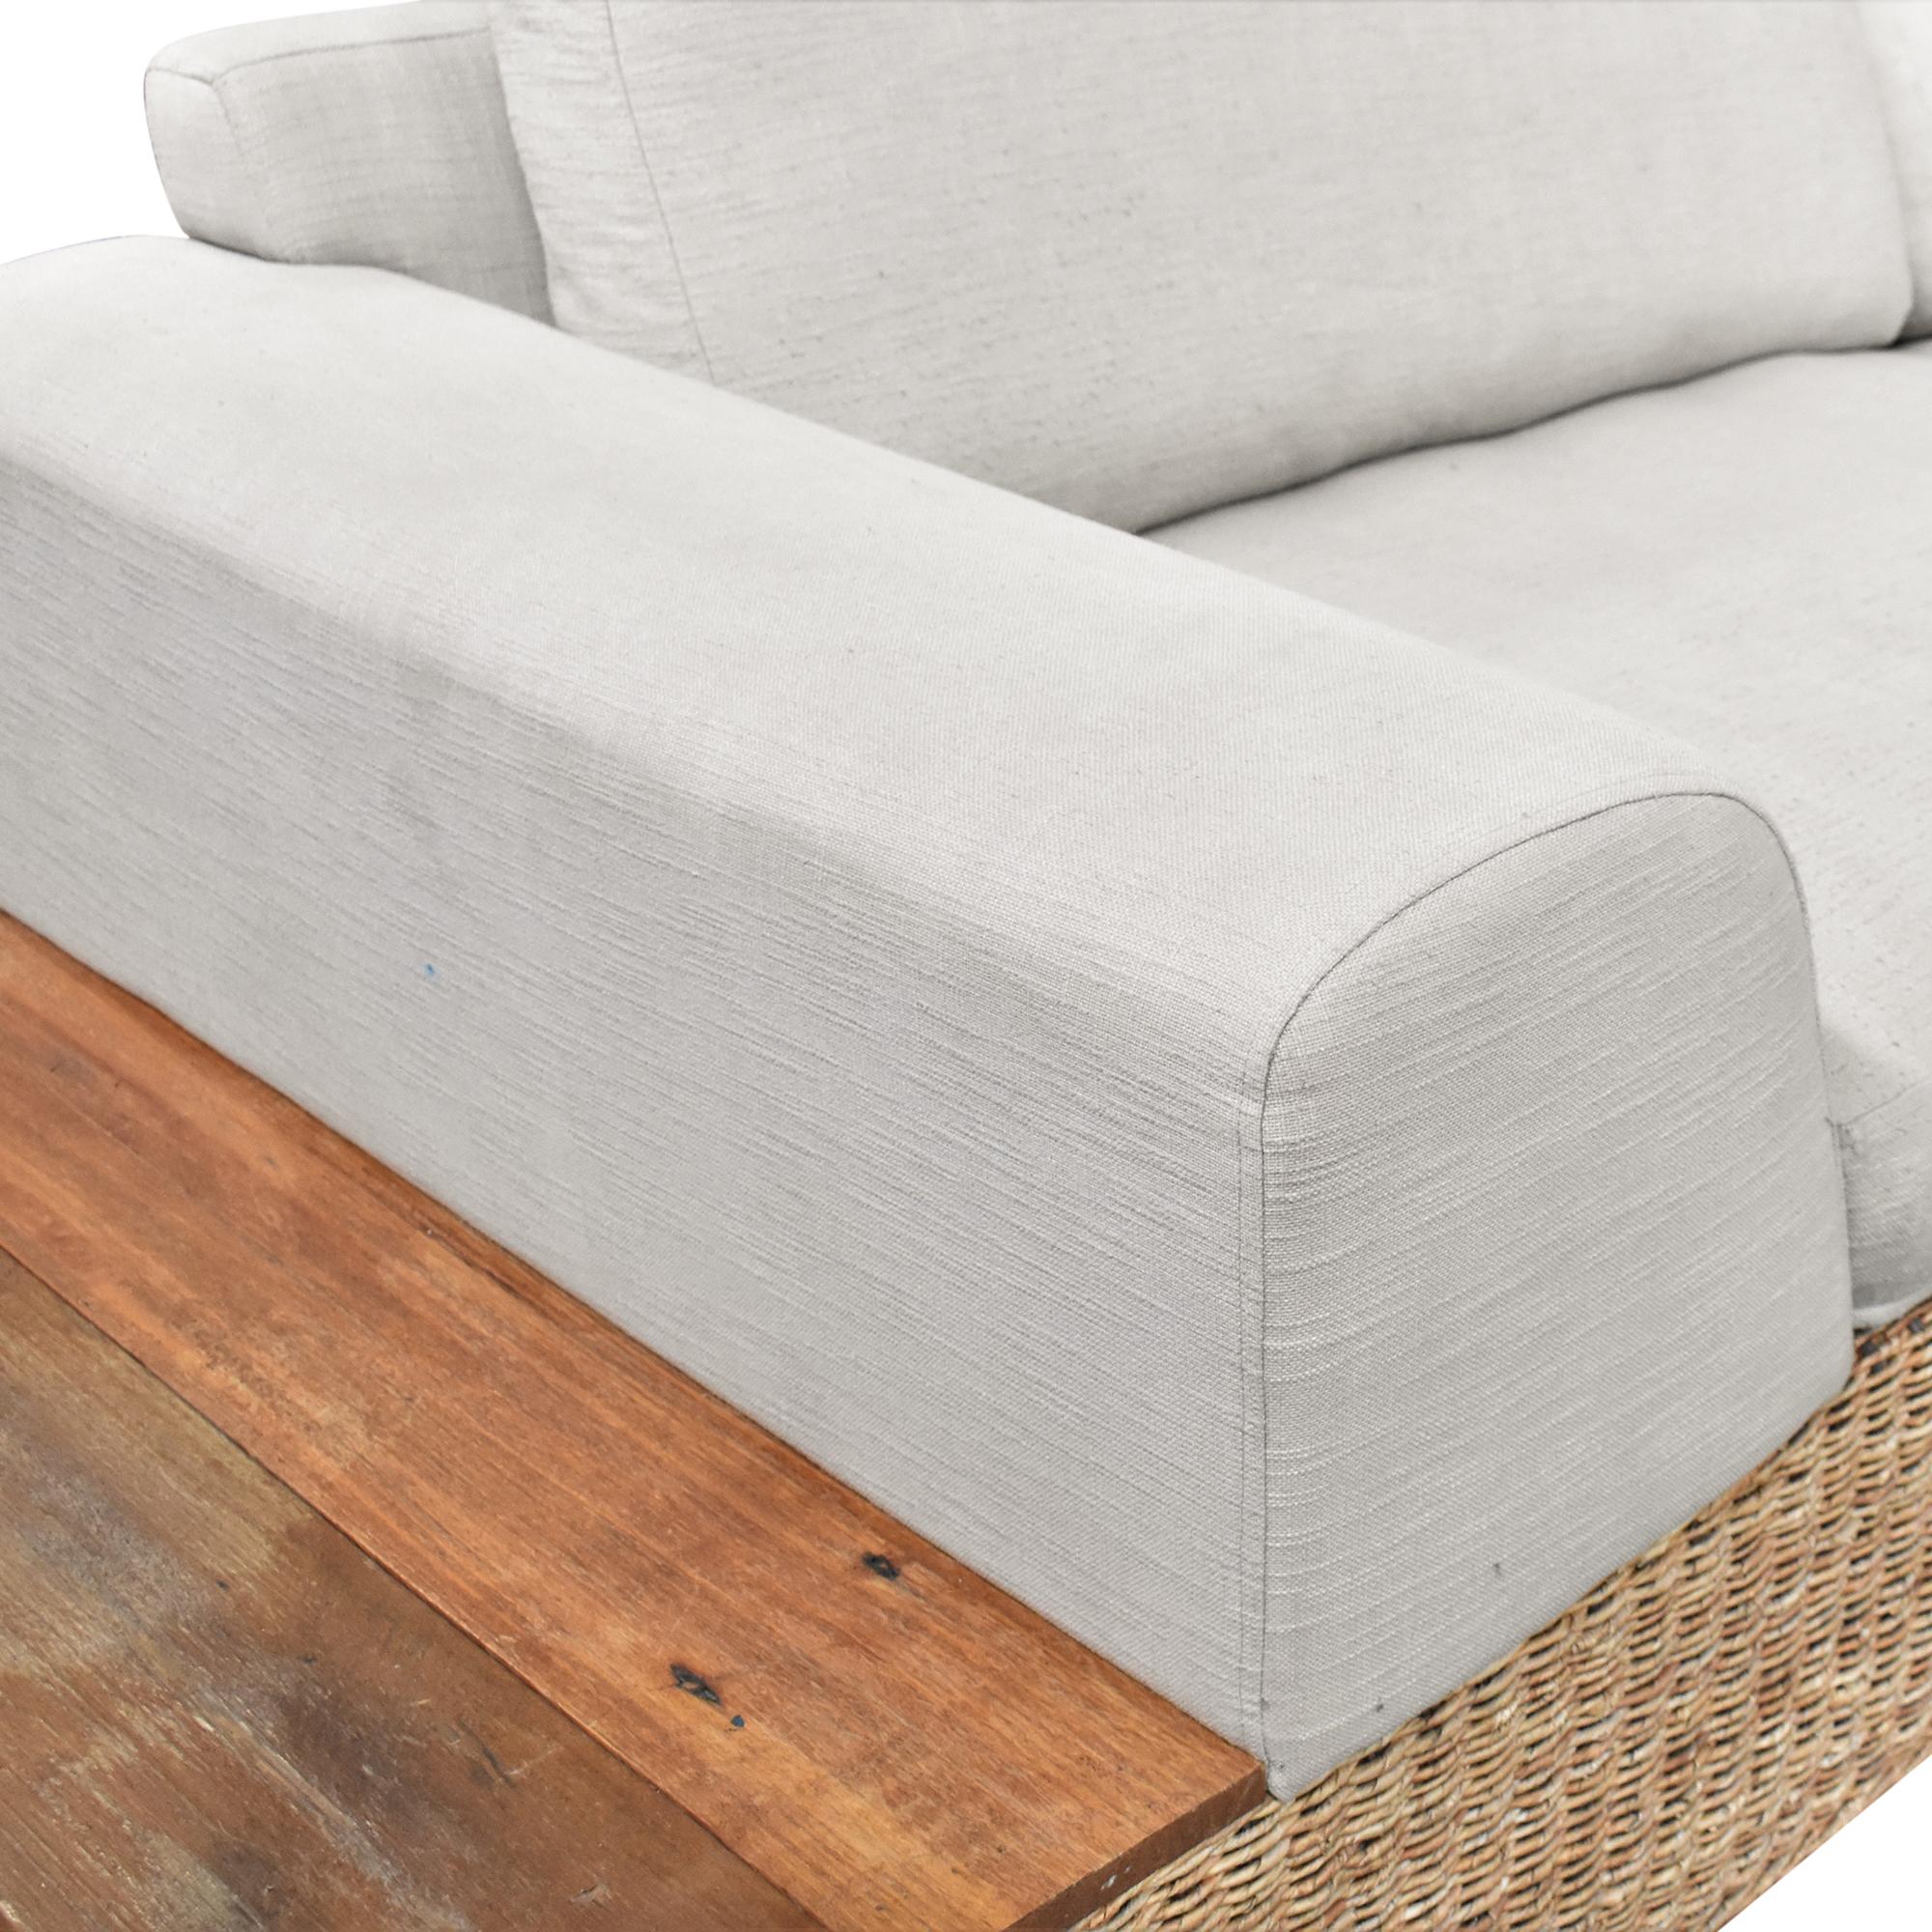 shop Crate & Barrel Hybrid Sofa Crate & Barrel Sofas